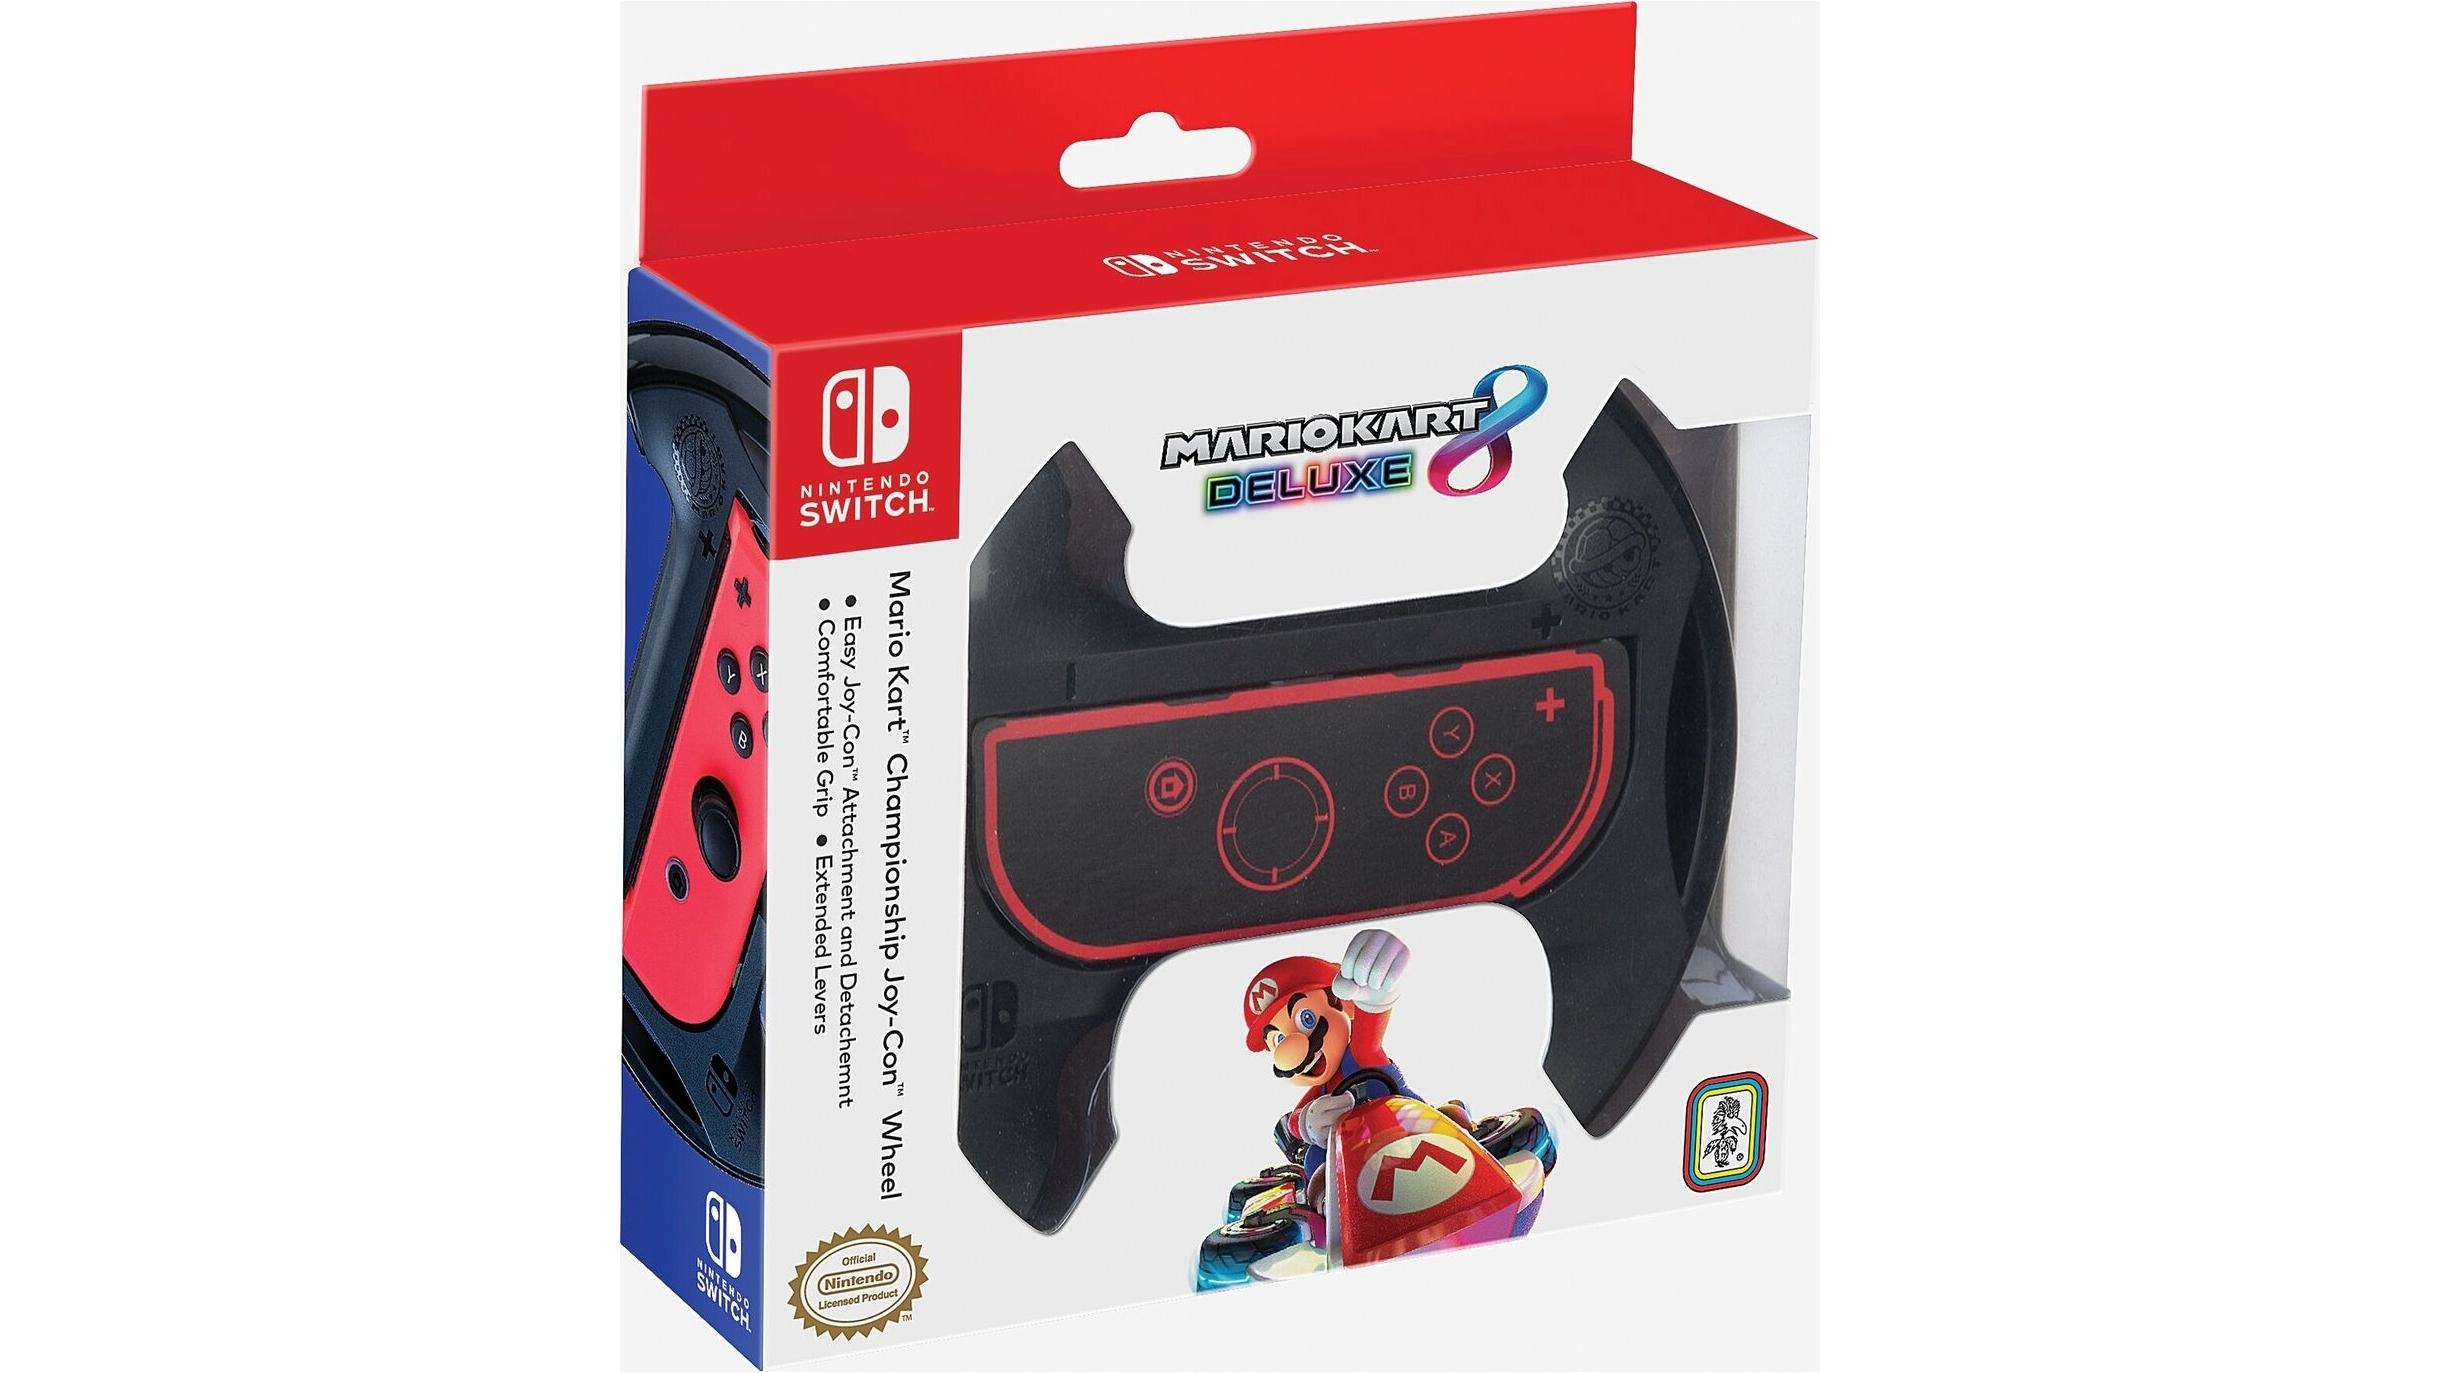 RDS Mariokart Joy Con Wheel for Nintendo Switch